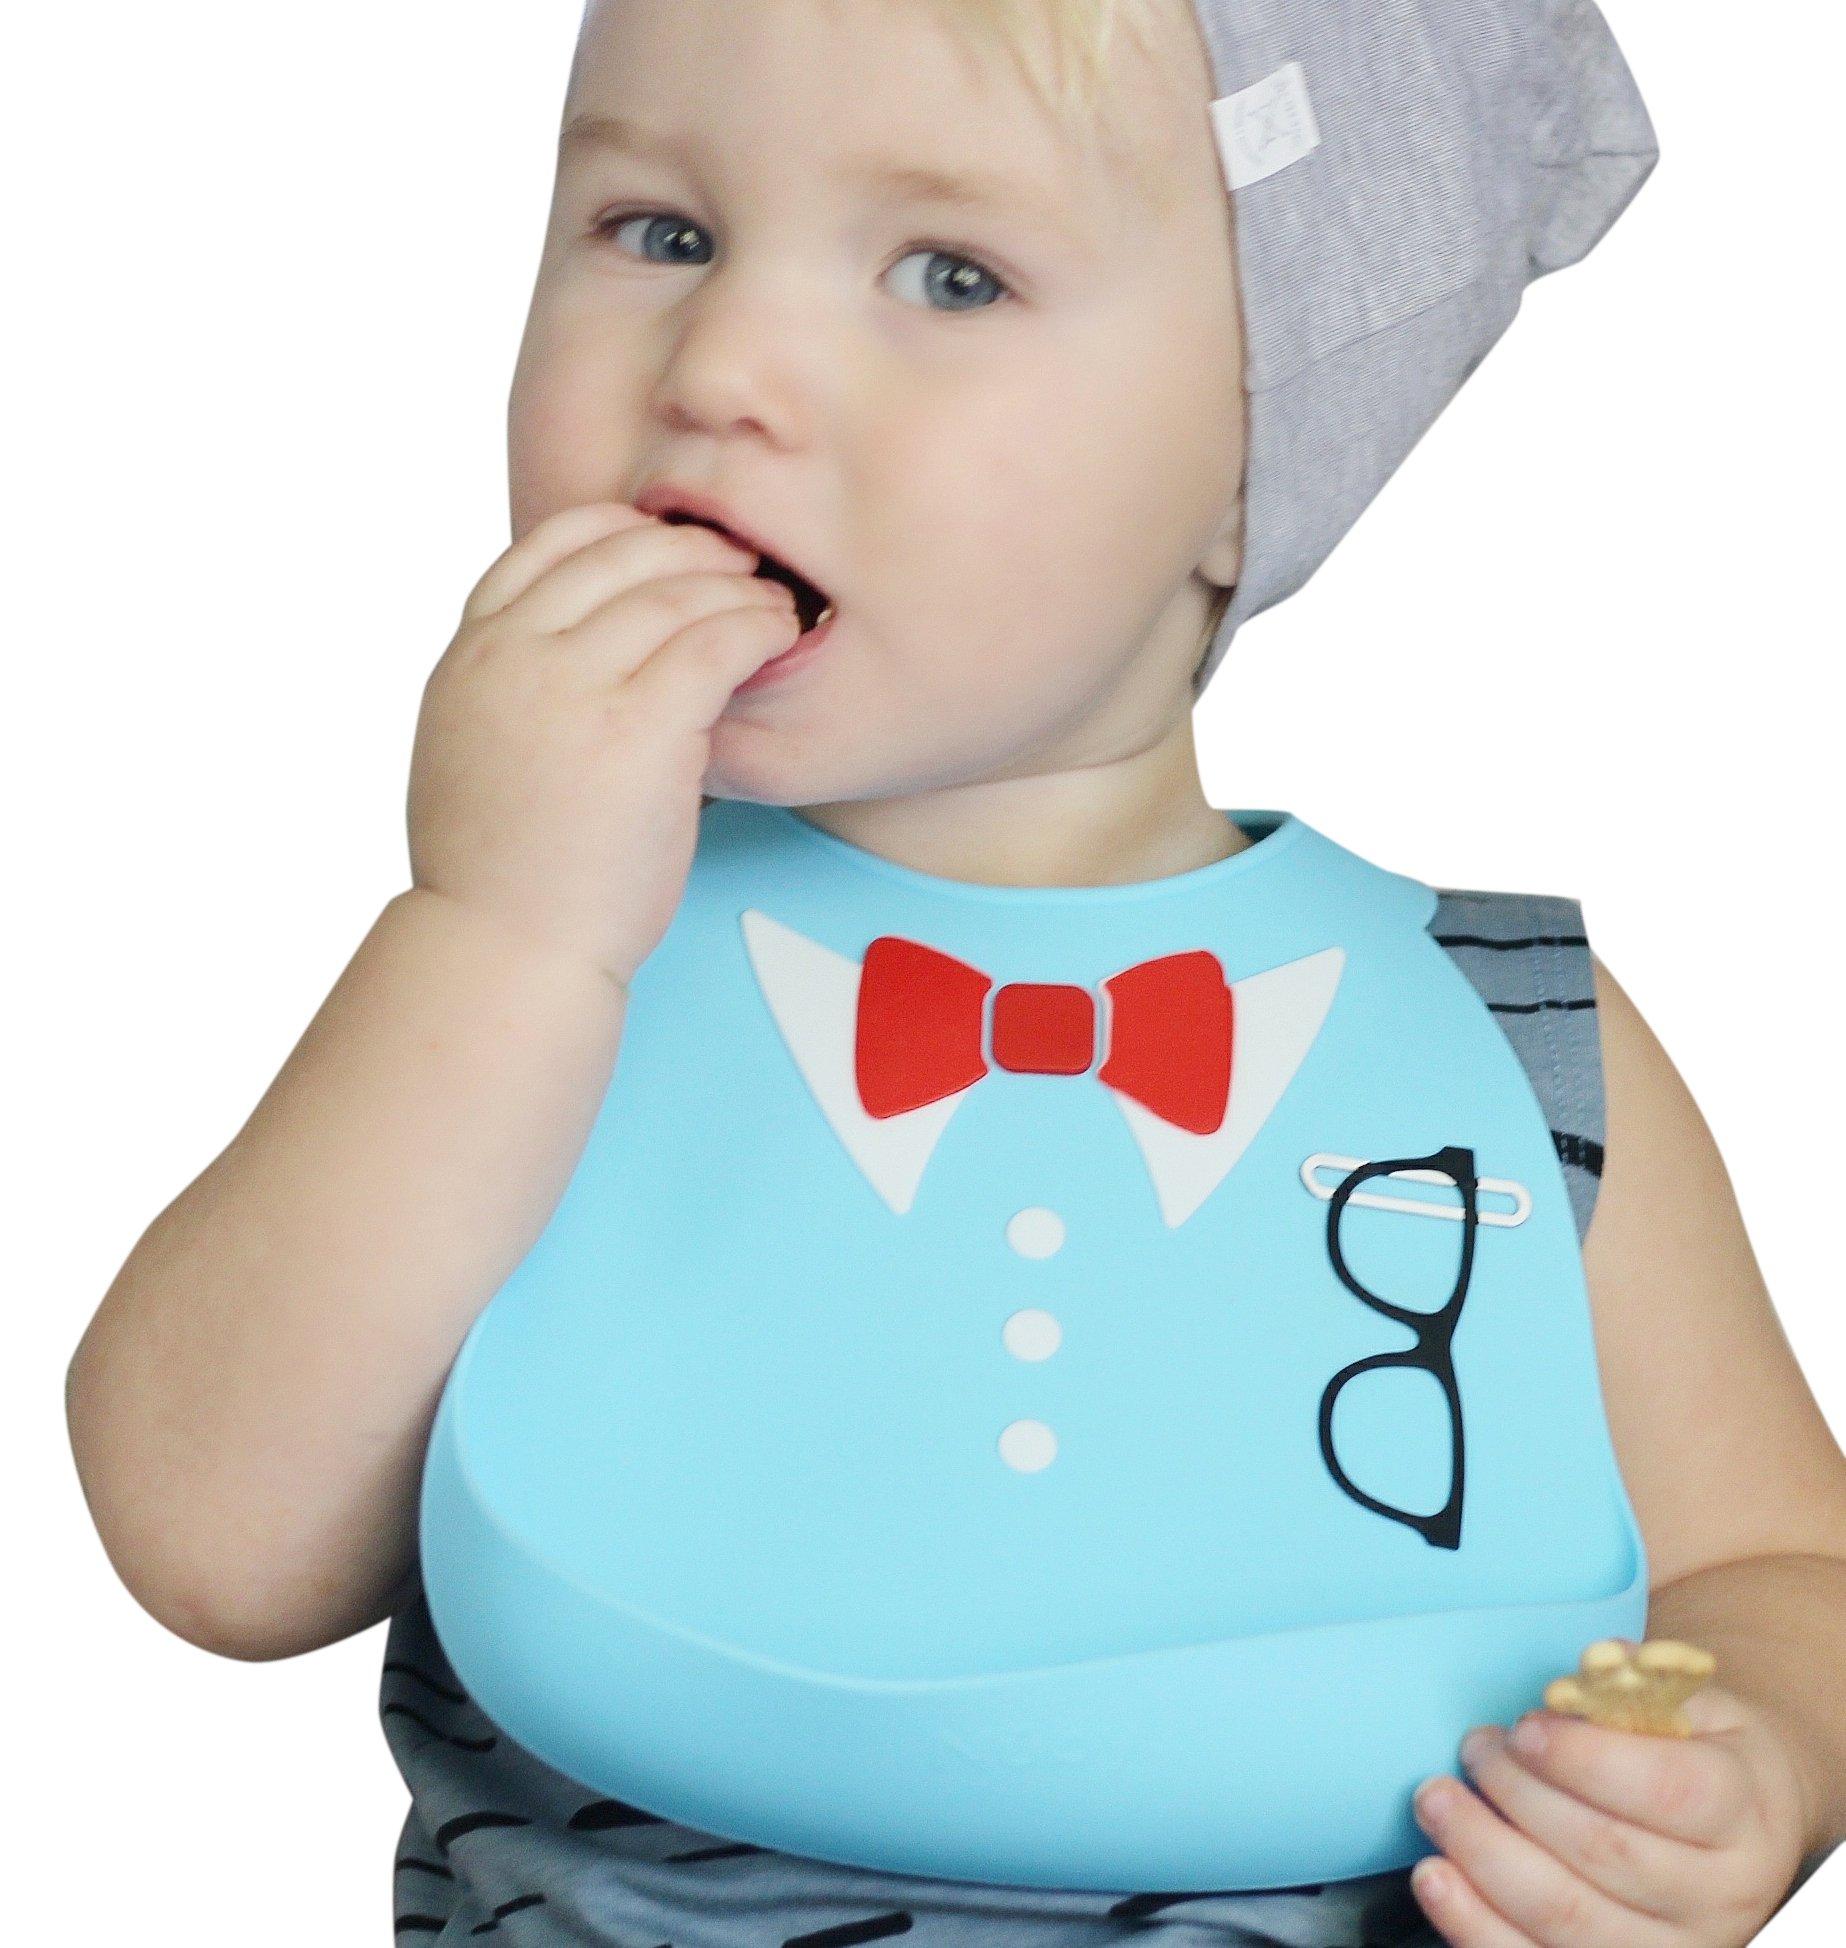 Nuby On-the-Go 3-D Silicone Feeding Bib, Blue Bow Tie